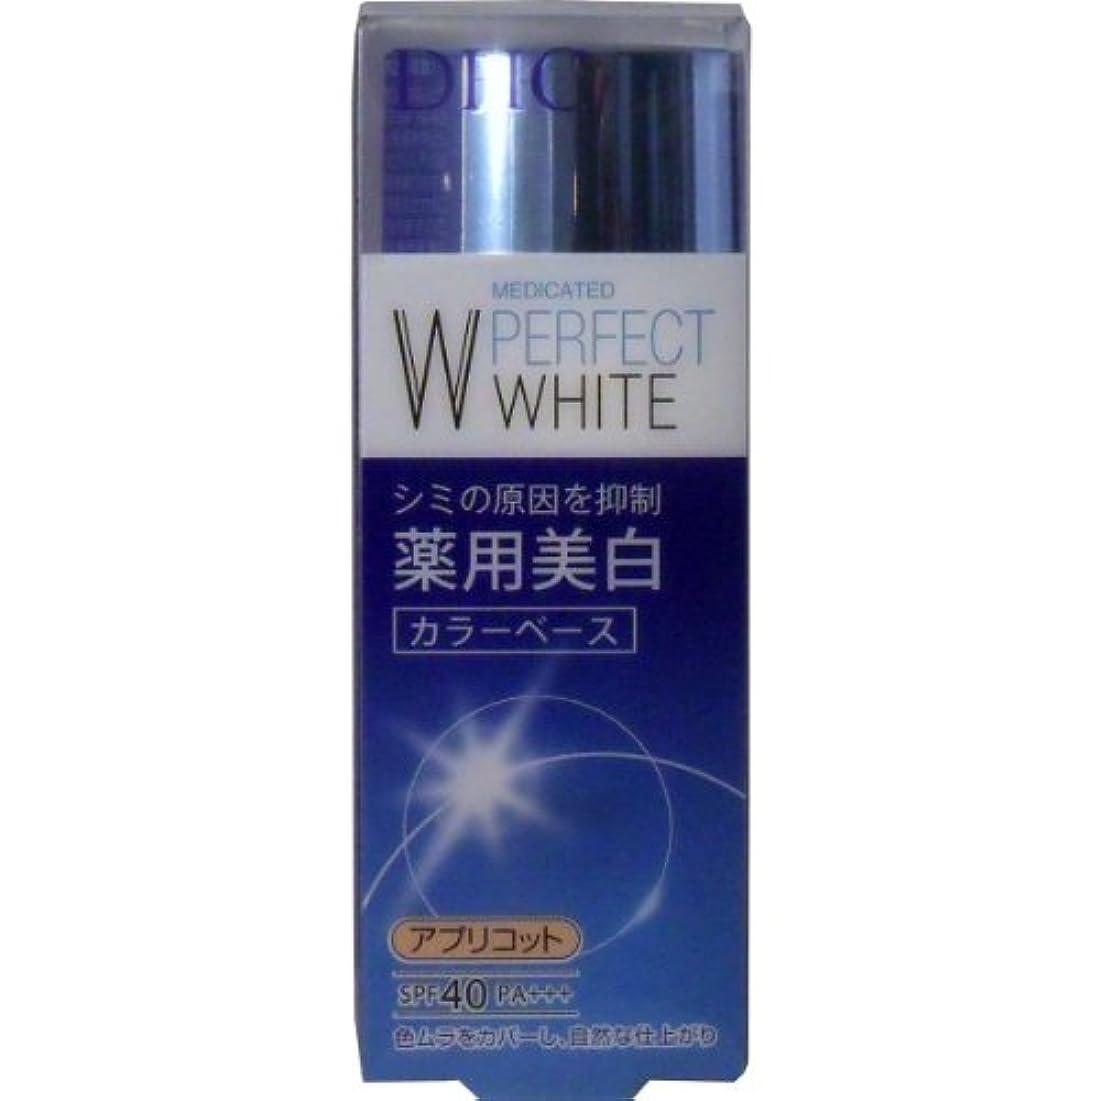 レビュアー見出し端DHC 薬用美白パーフェクトホワイト カラーベース アプリコット 30g (商品内訳:単品1個)